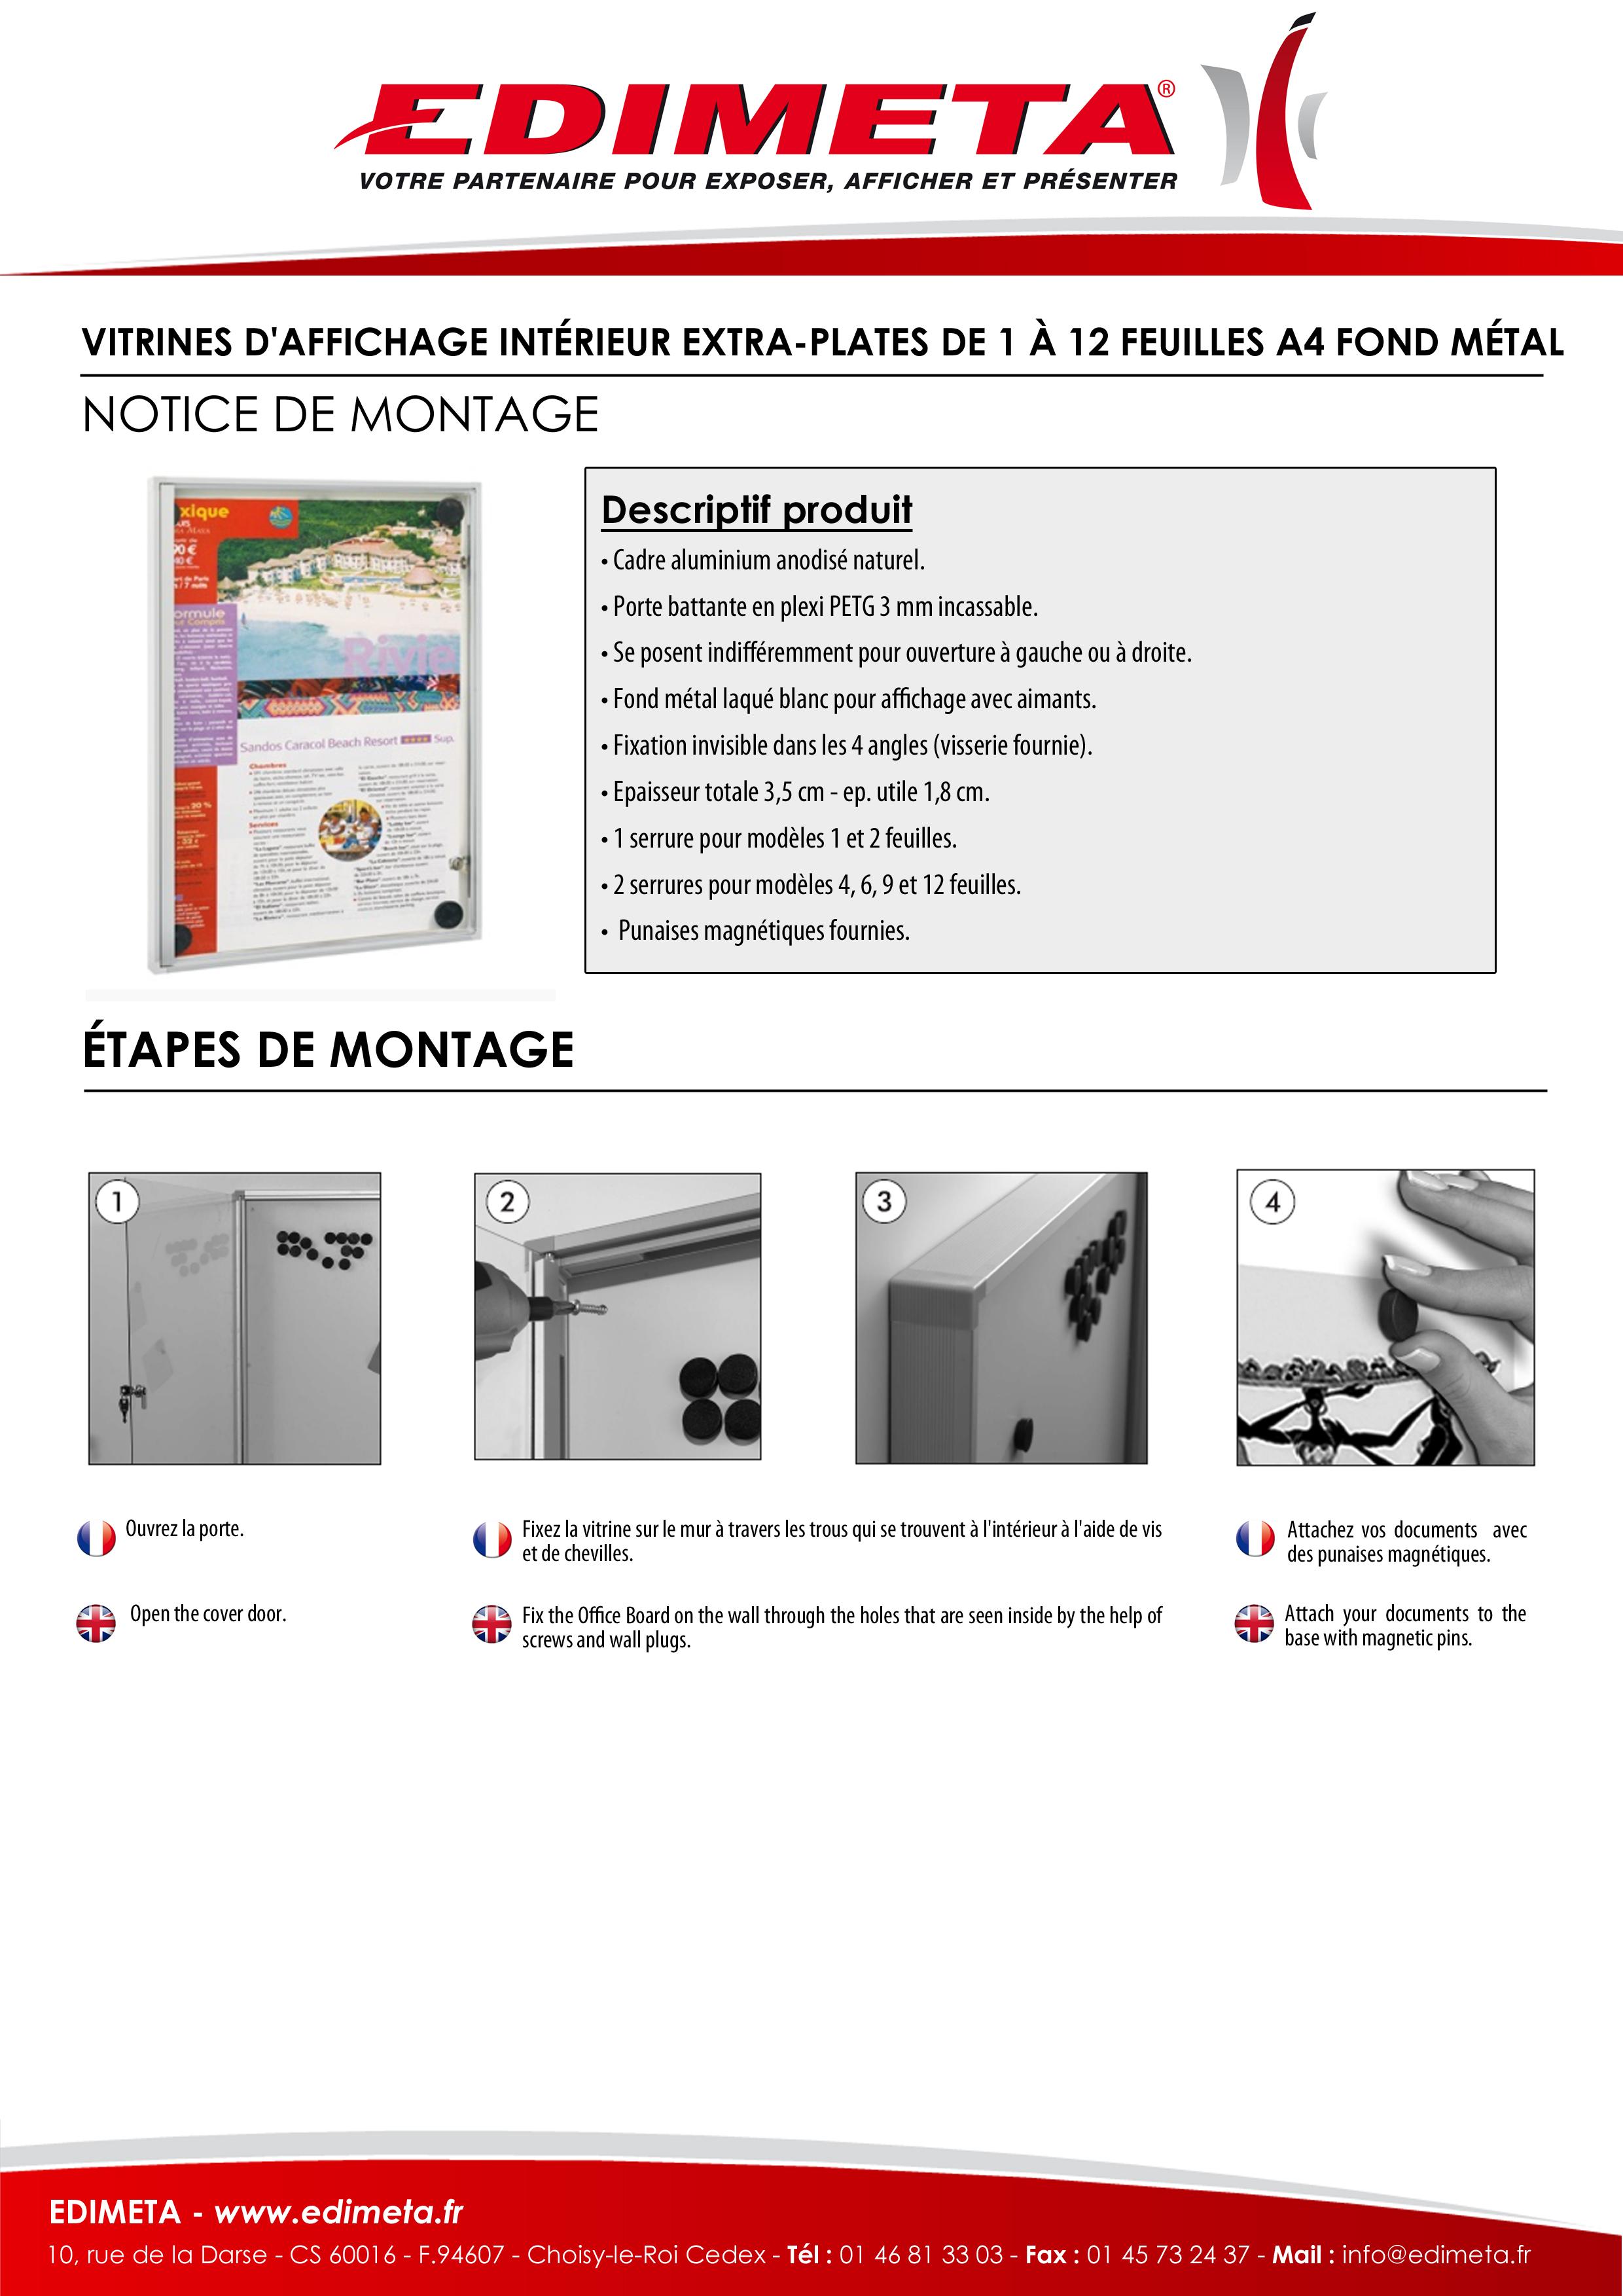 NOTICE DE MONTAGE : VITRINES D'AFFICHAGE INTÉRIEUR EXTRA-PLATES DE 1 À 12 FEUILLES A4 FOND METAL